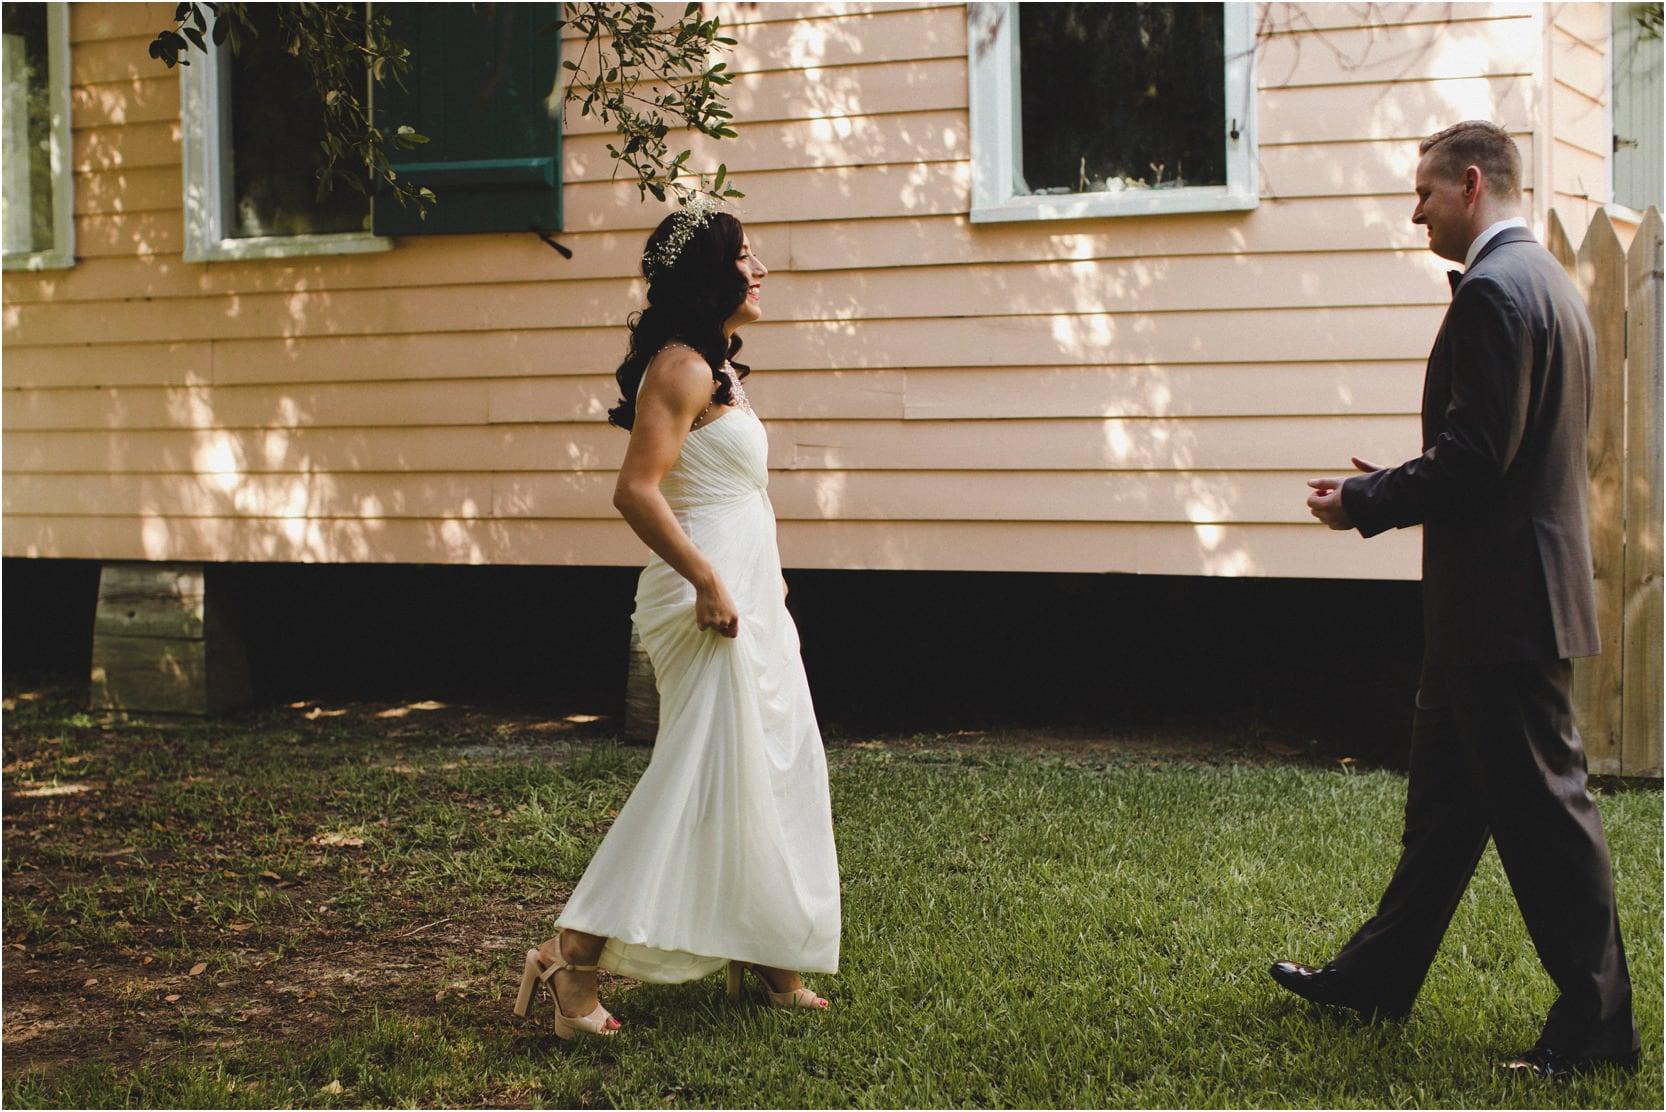 arnoldbaker_wedding__154